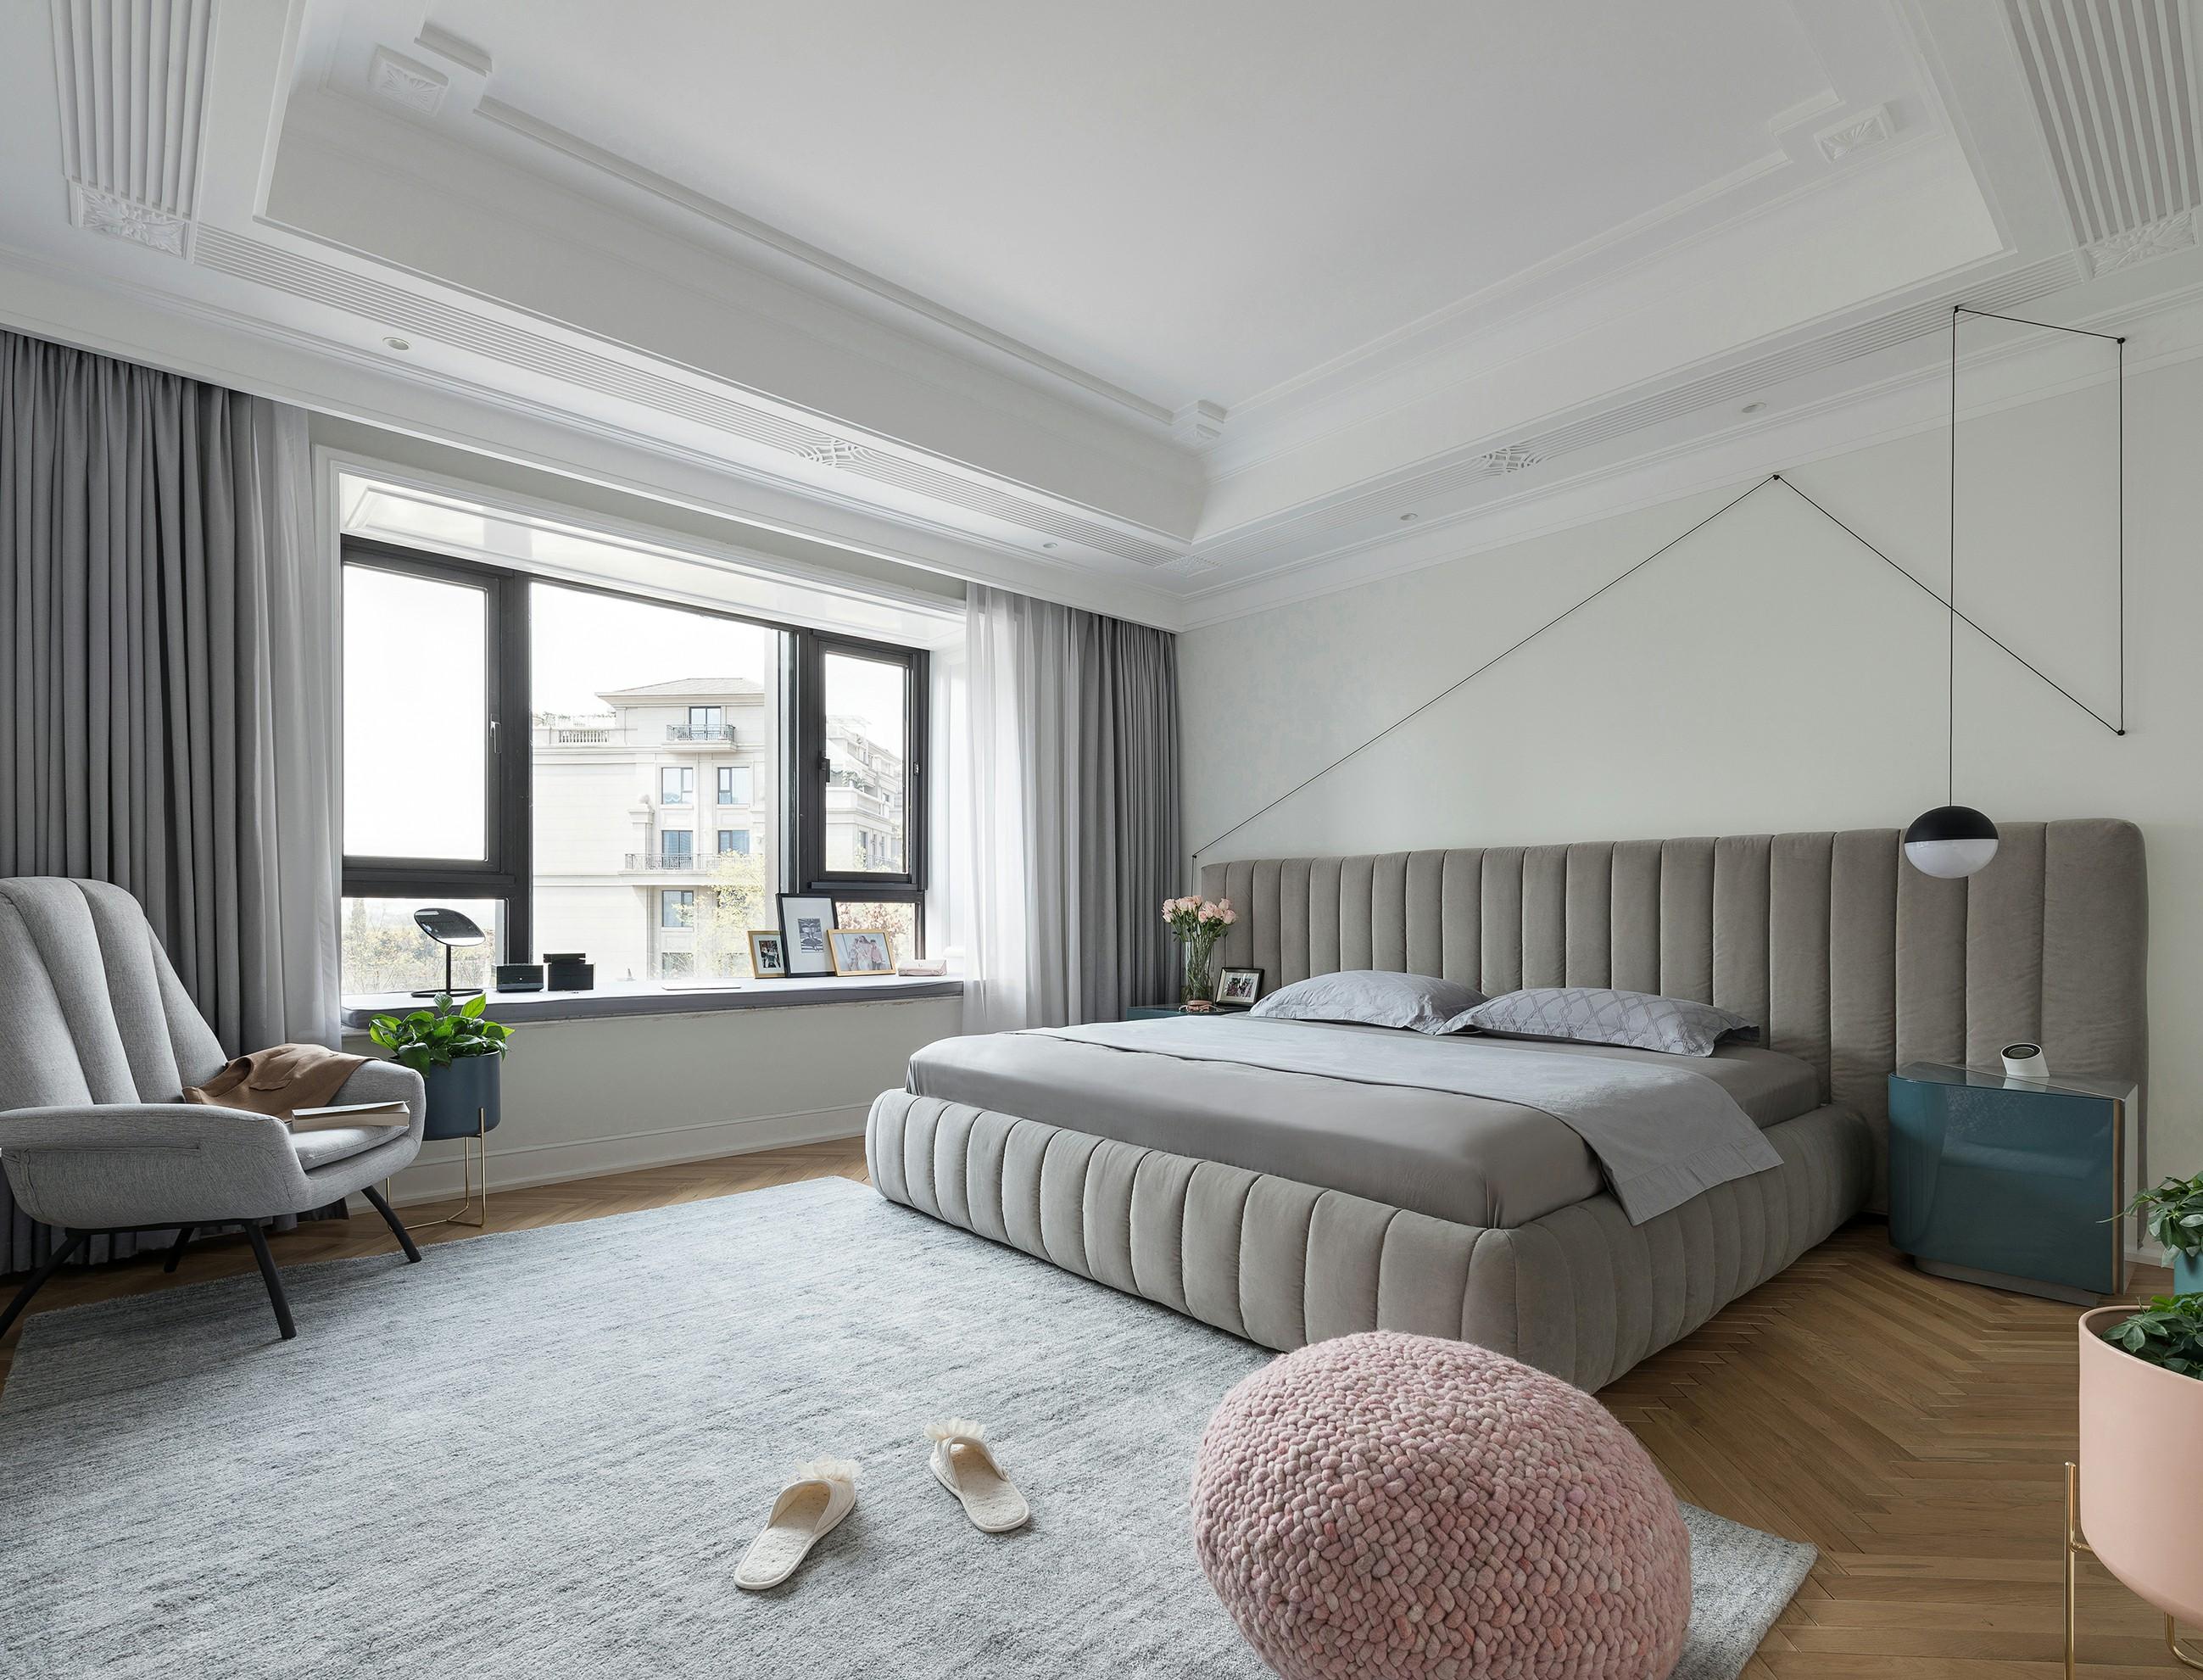 220㎡大户型卧室装修效果图